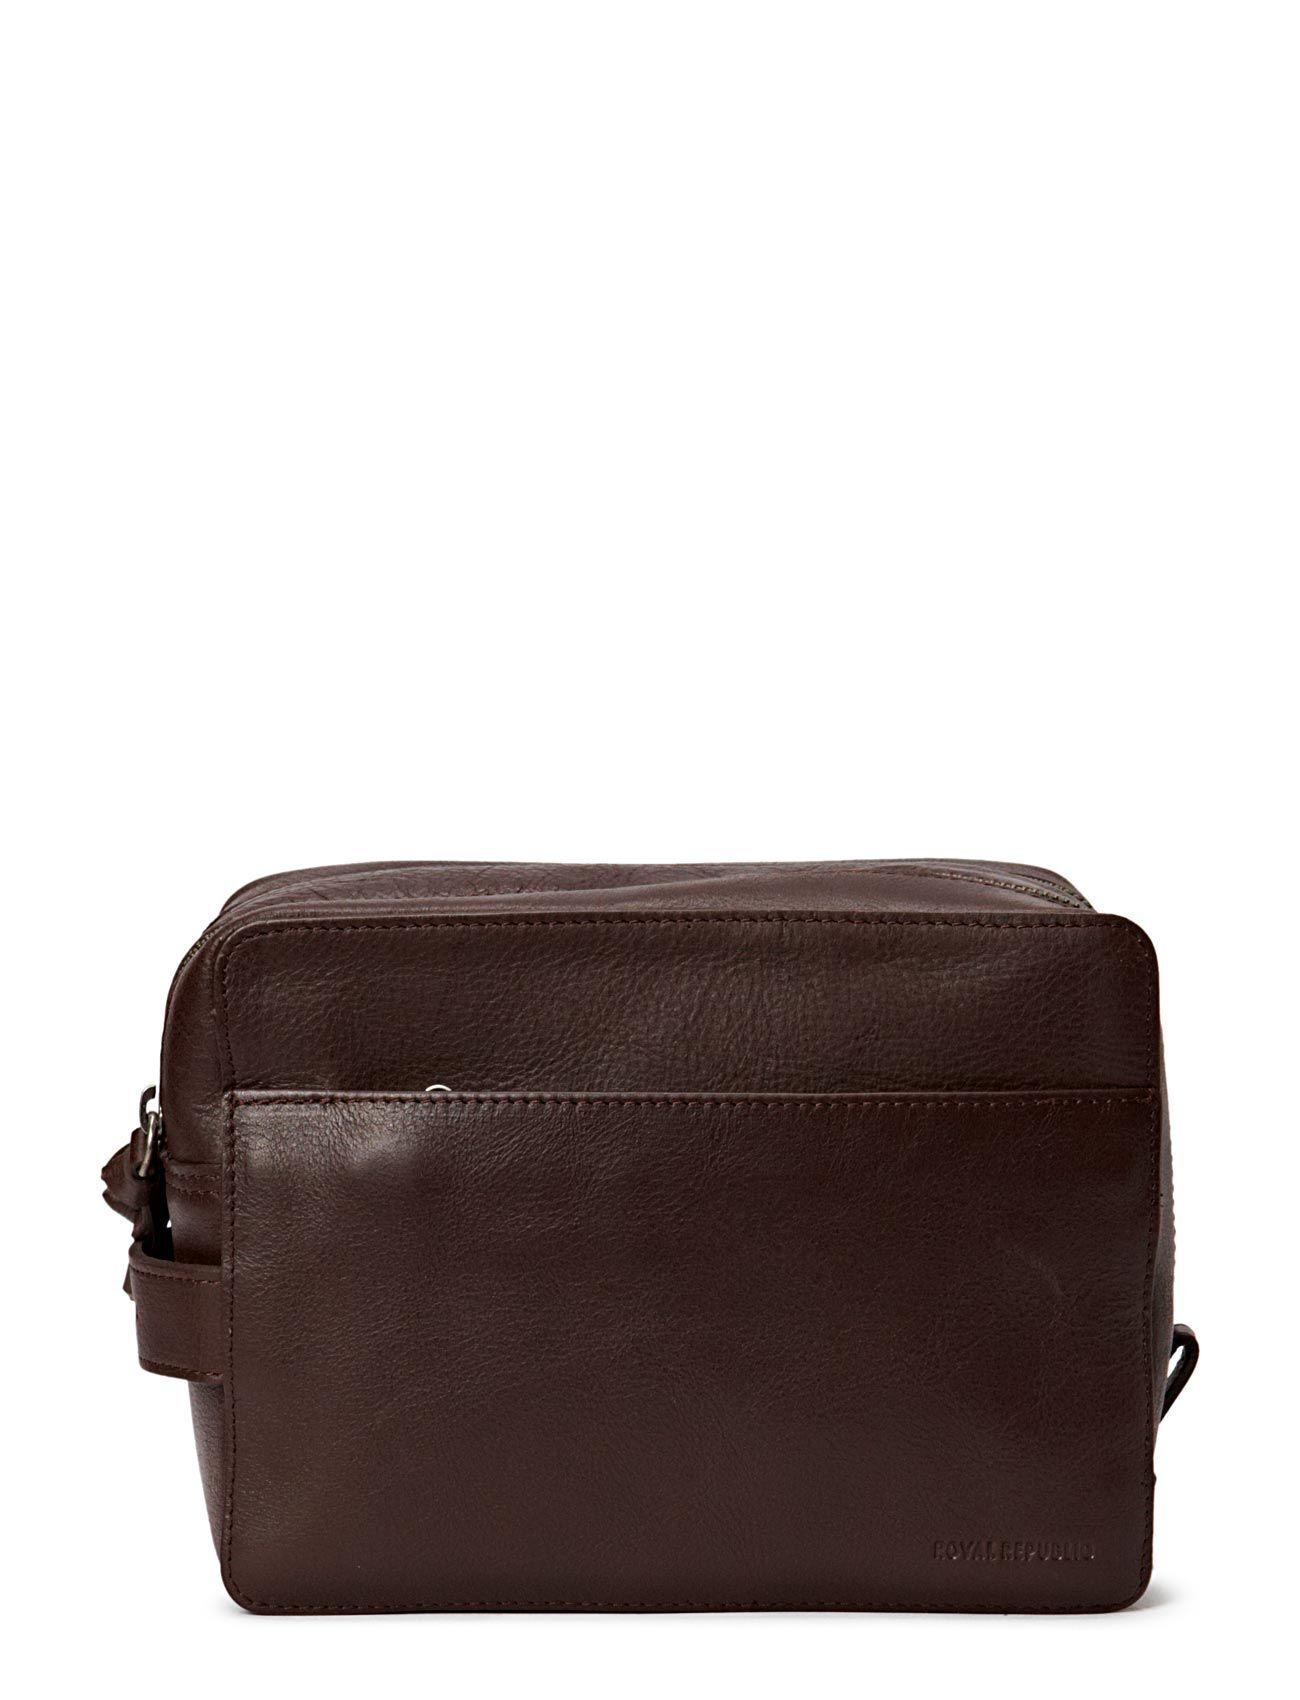 Royal RepubliQ Gemin Toilet Bag Mini